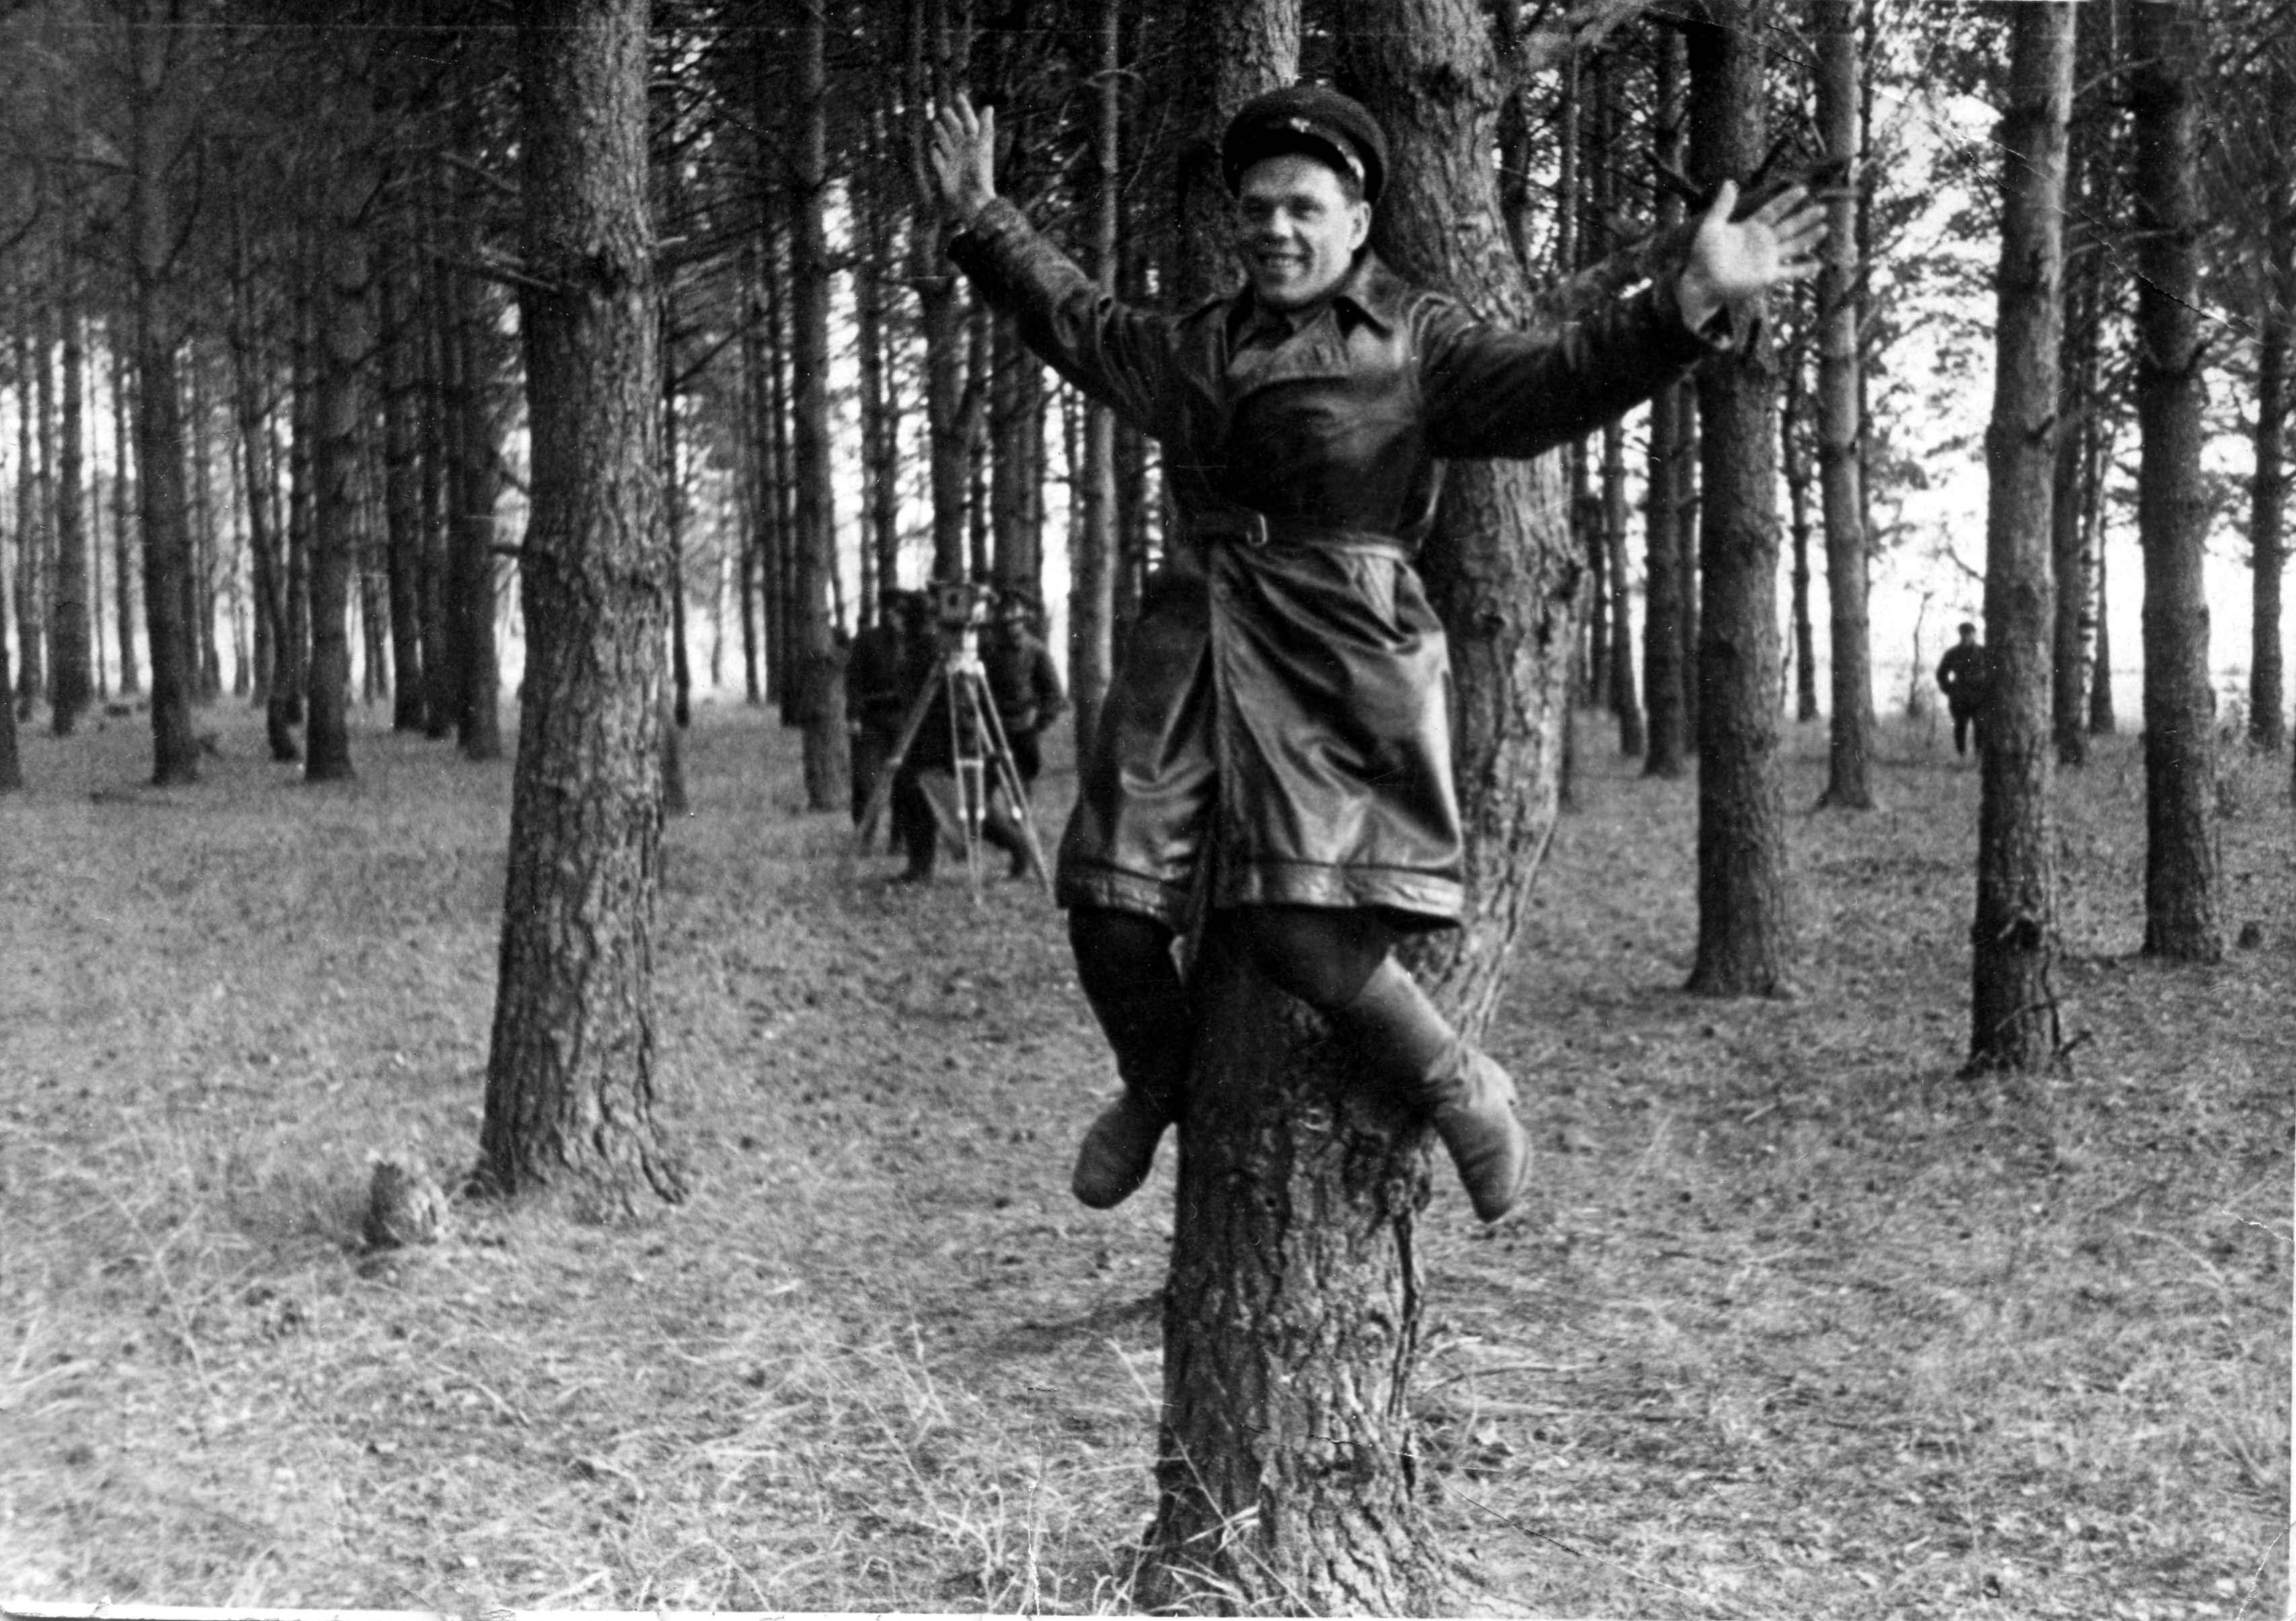 Экспонат #15. Бойков Владимир Николаевич